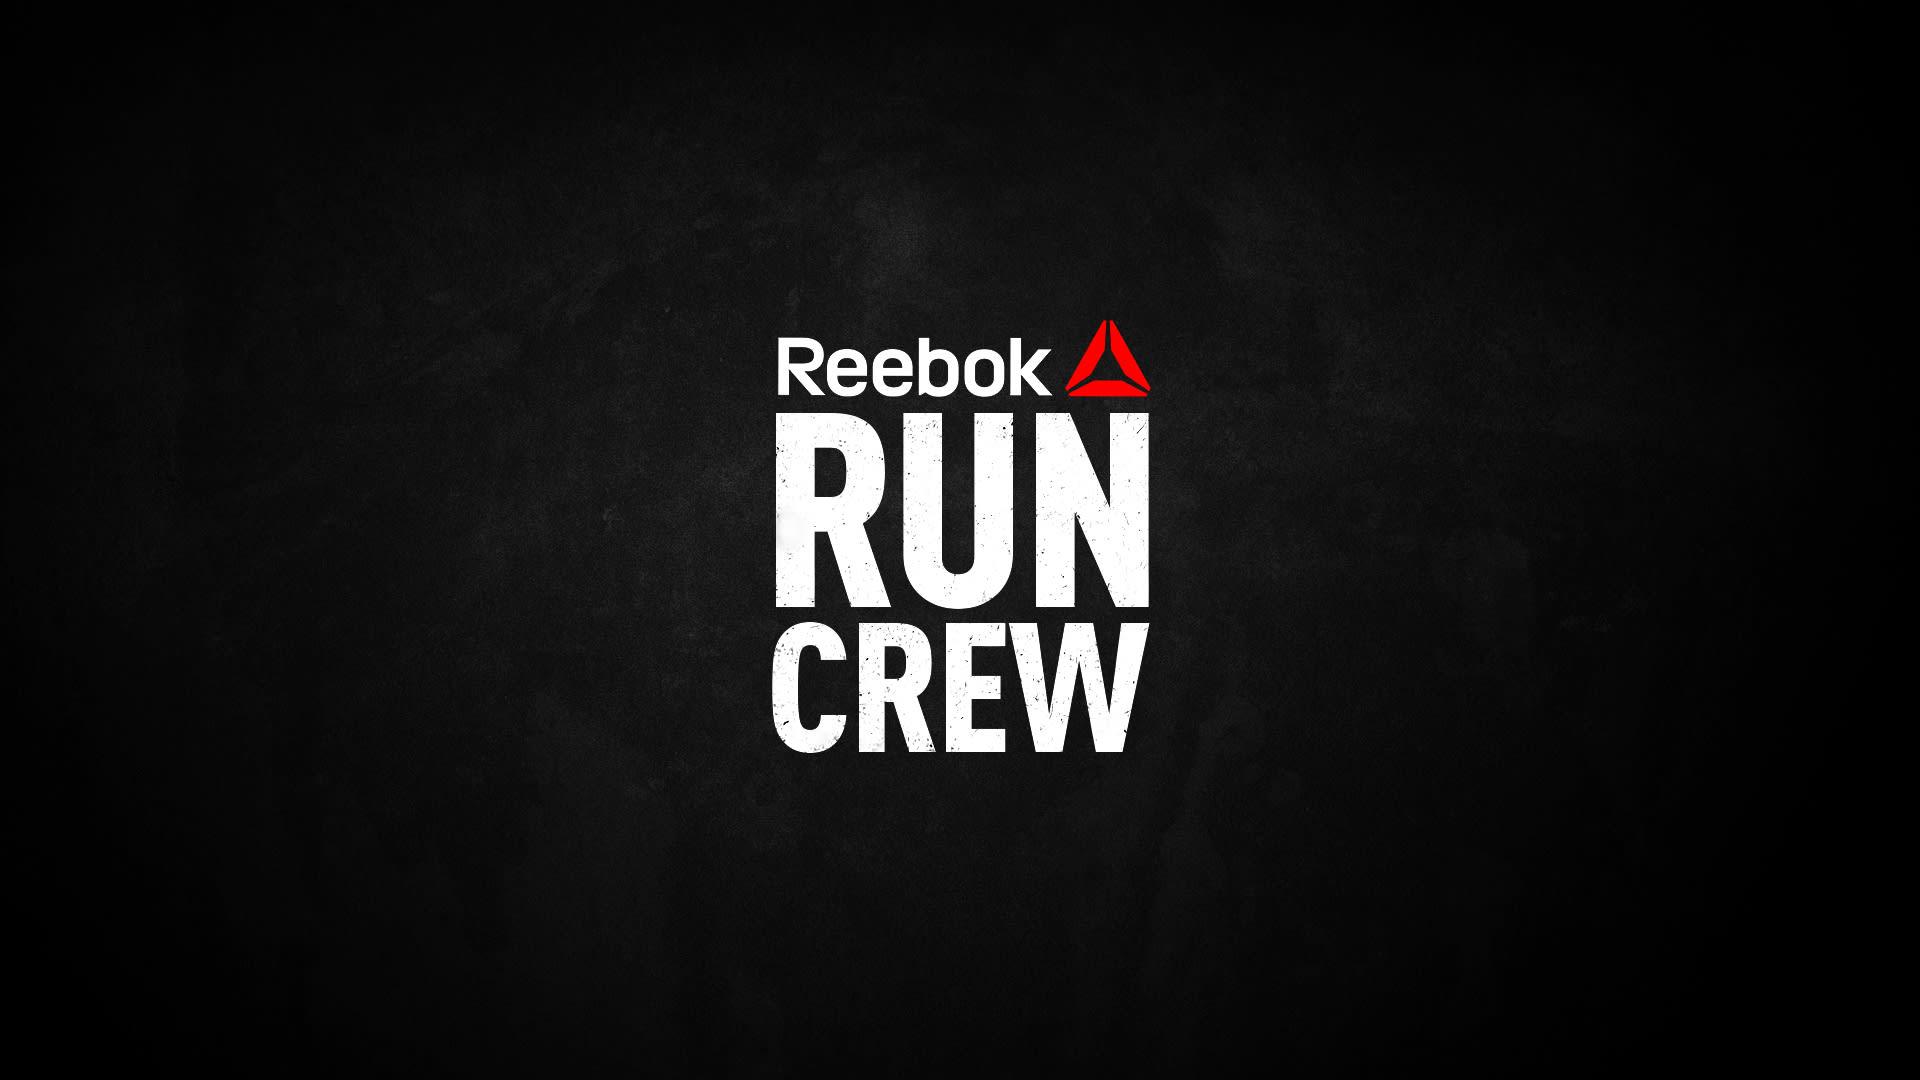 całkiem tania sklep internetowy Los Angeles Trenuj poprzez bieganie z Reebok Run Crew